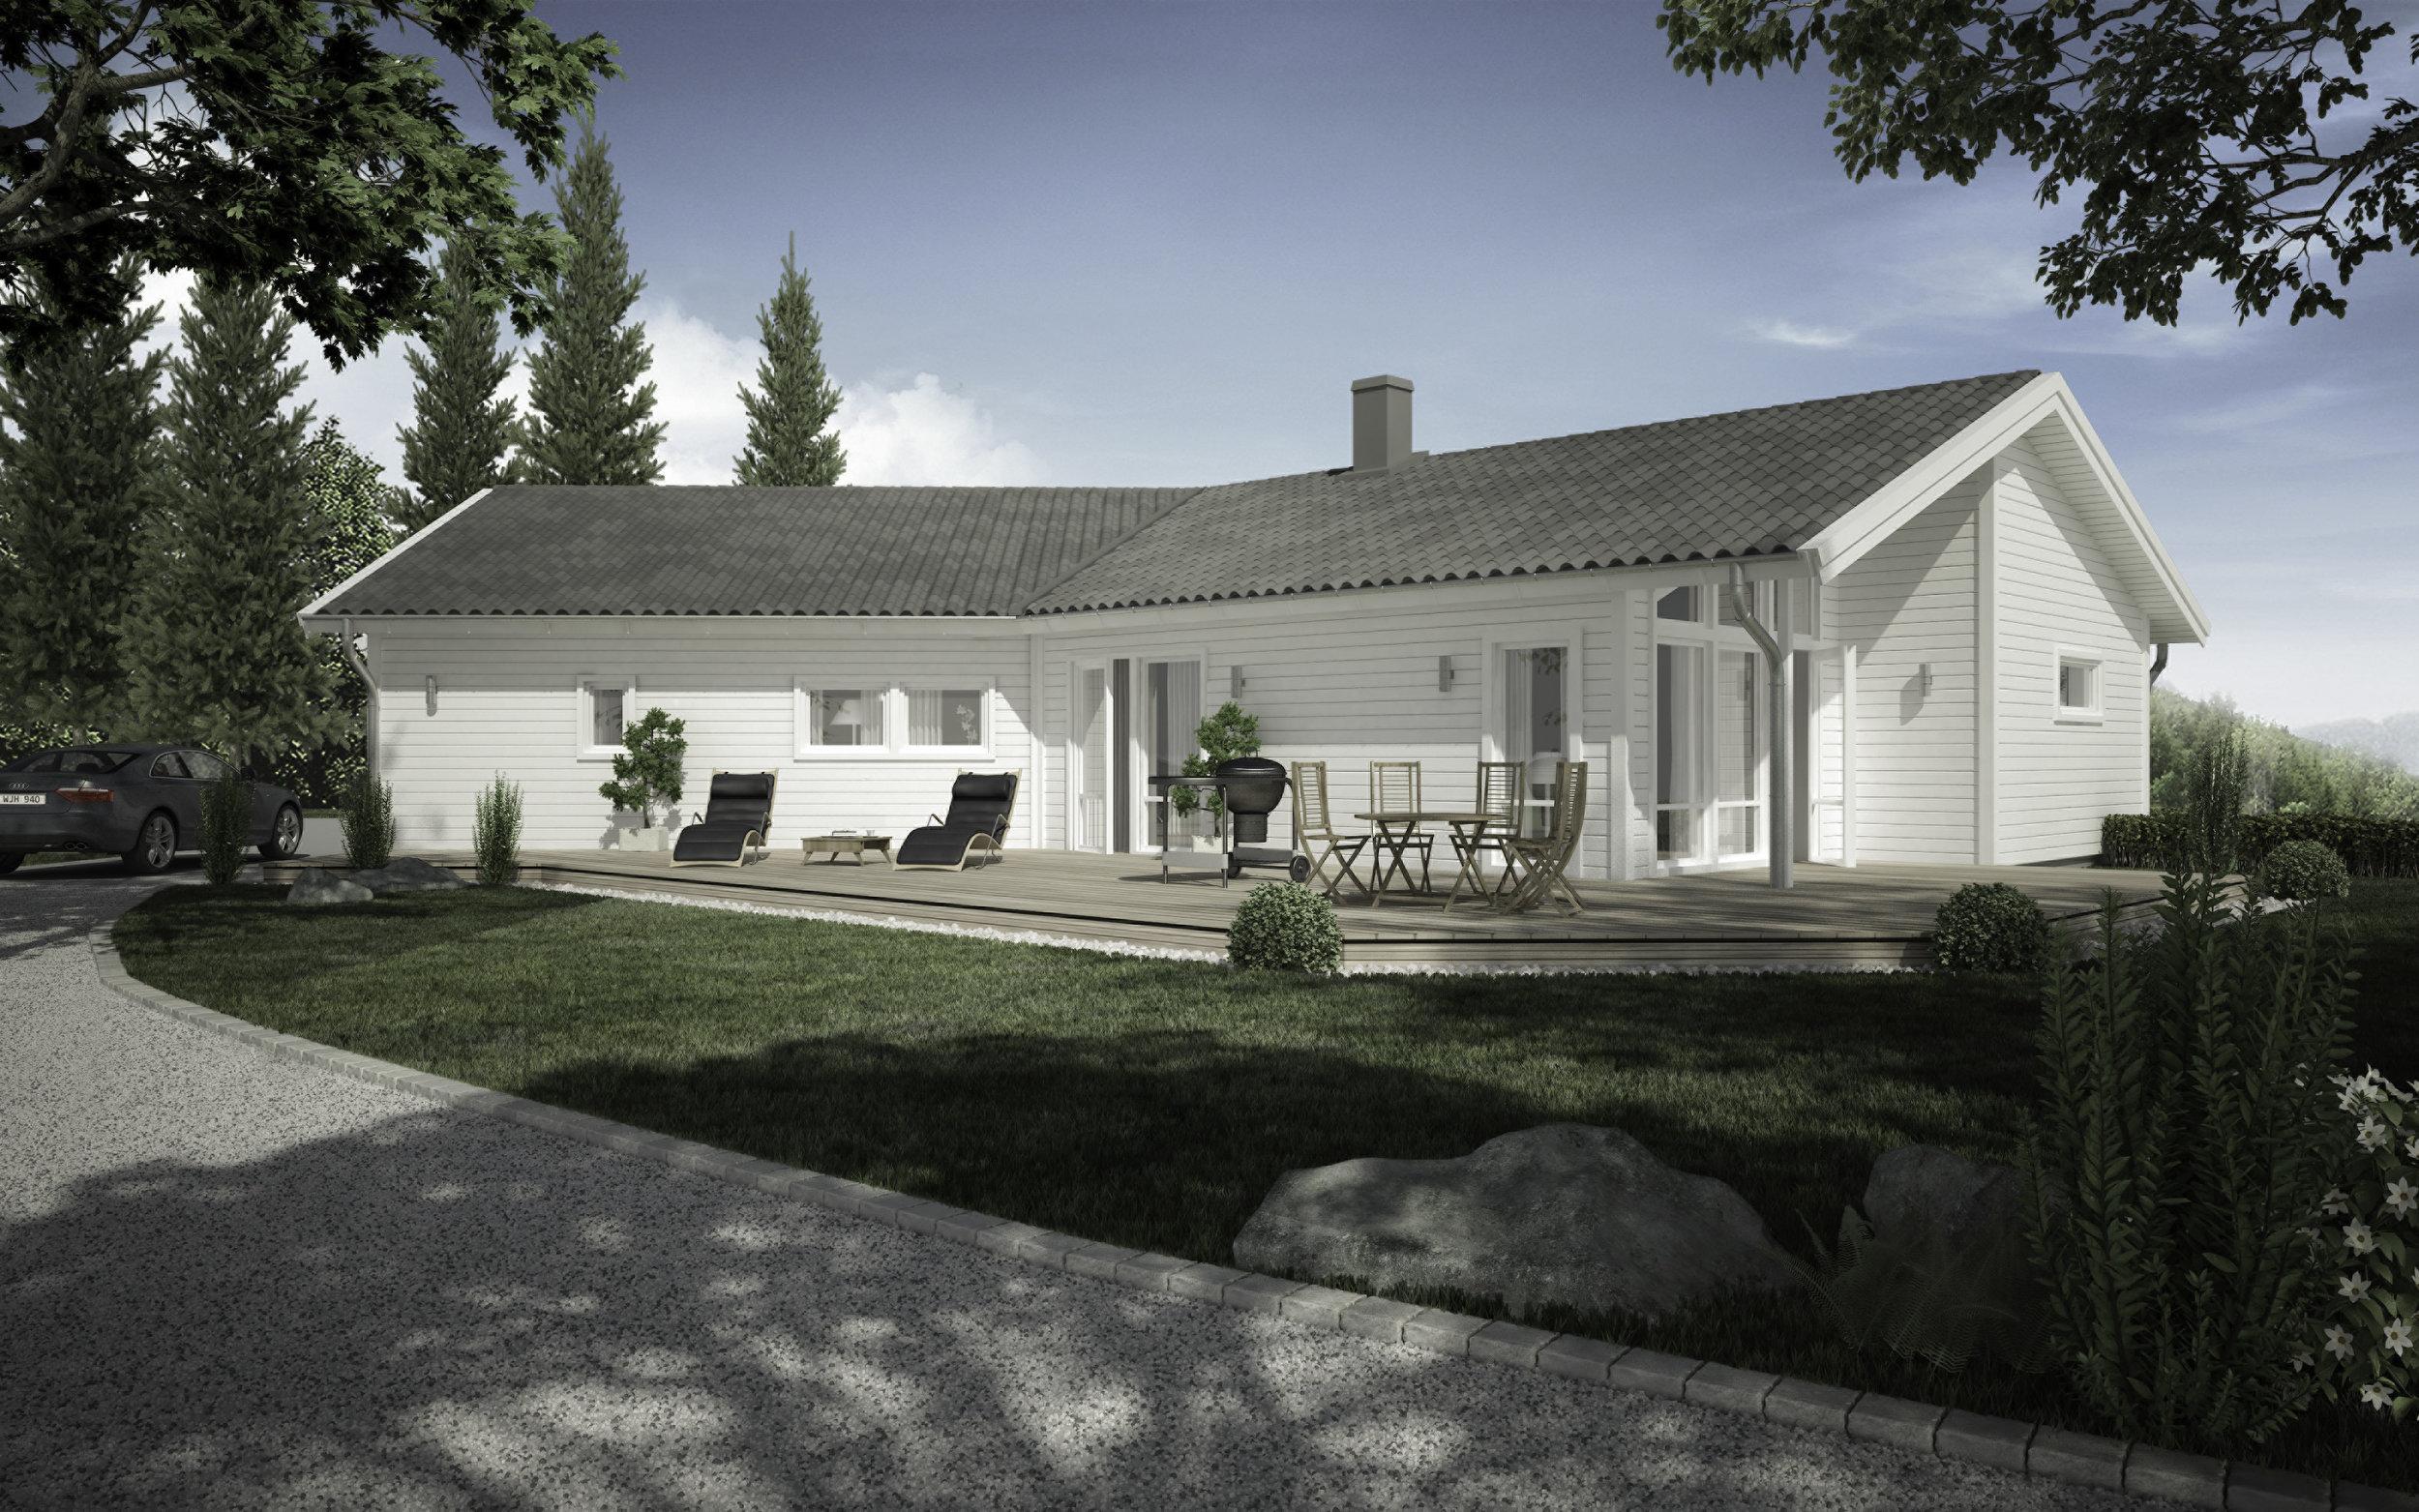 VILLA SANDVIK  1-planshus Boyta: 156,6 m2 4 sovrum